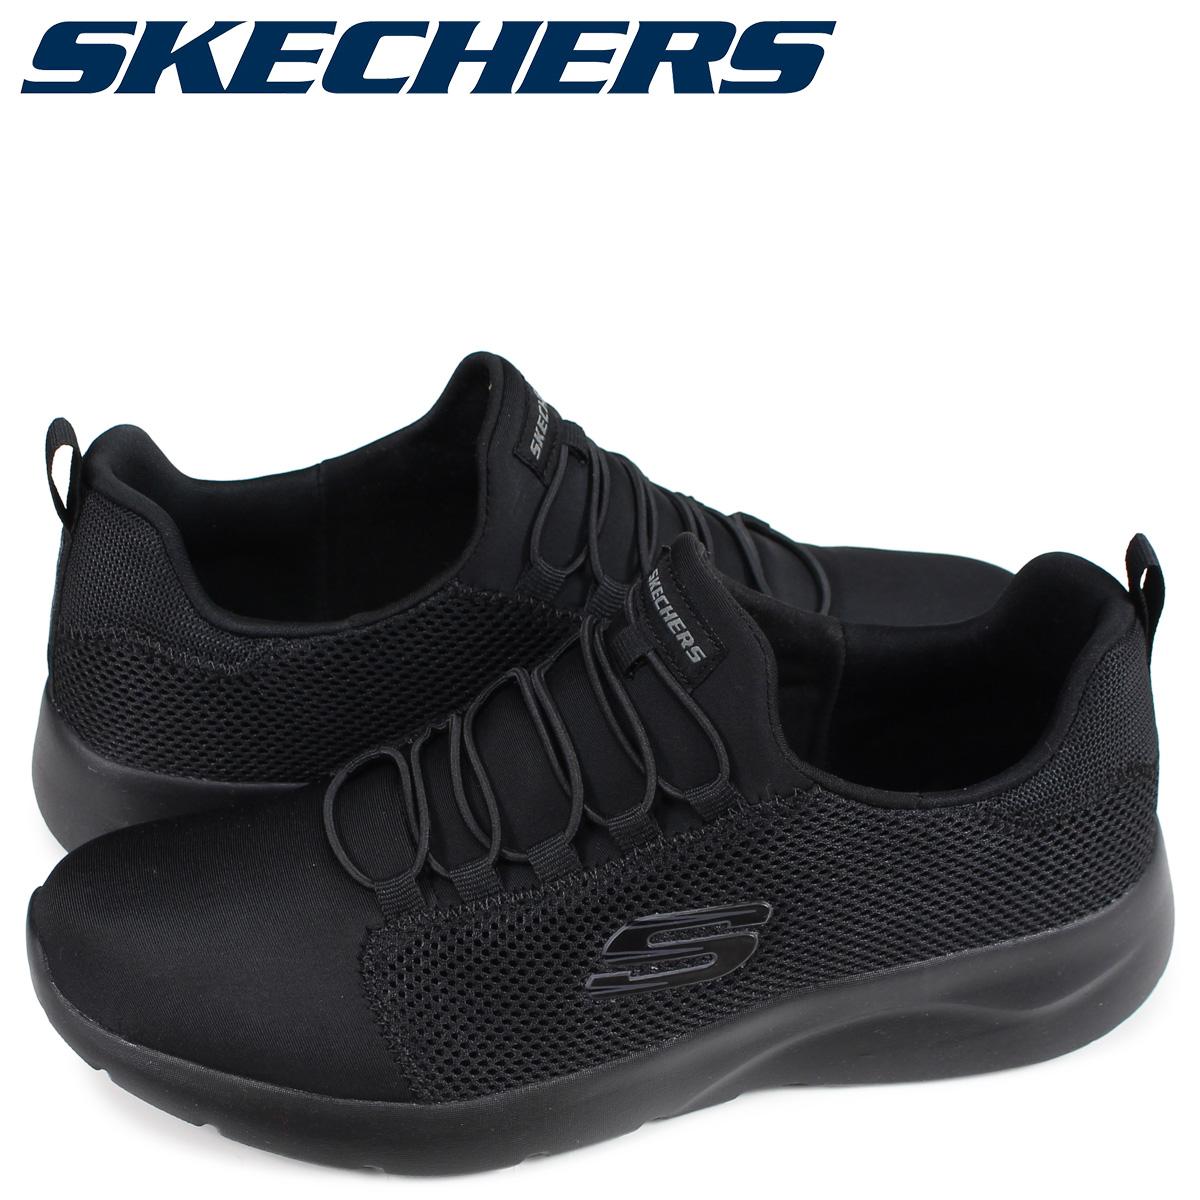 Sneak Sneak Online Online Sneak Shopスケッチャー Shopスケッチャー Sneak Shopスケッチャー Online Shopスケッチャー Online Sneak wOPikuTXZ